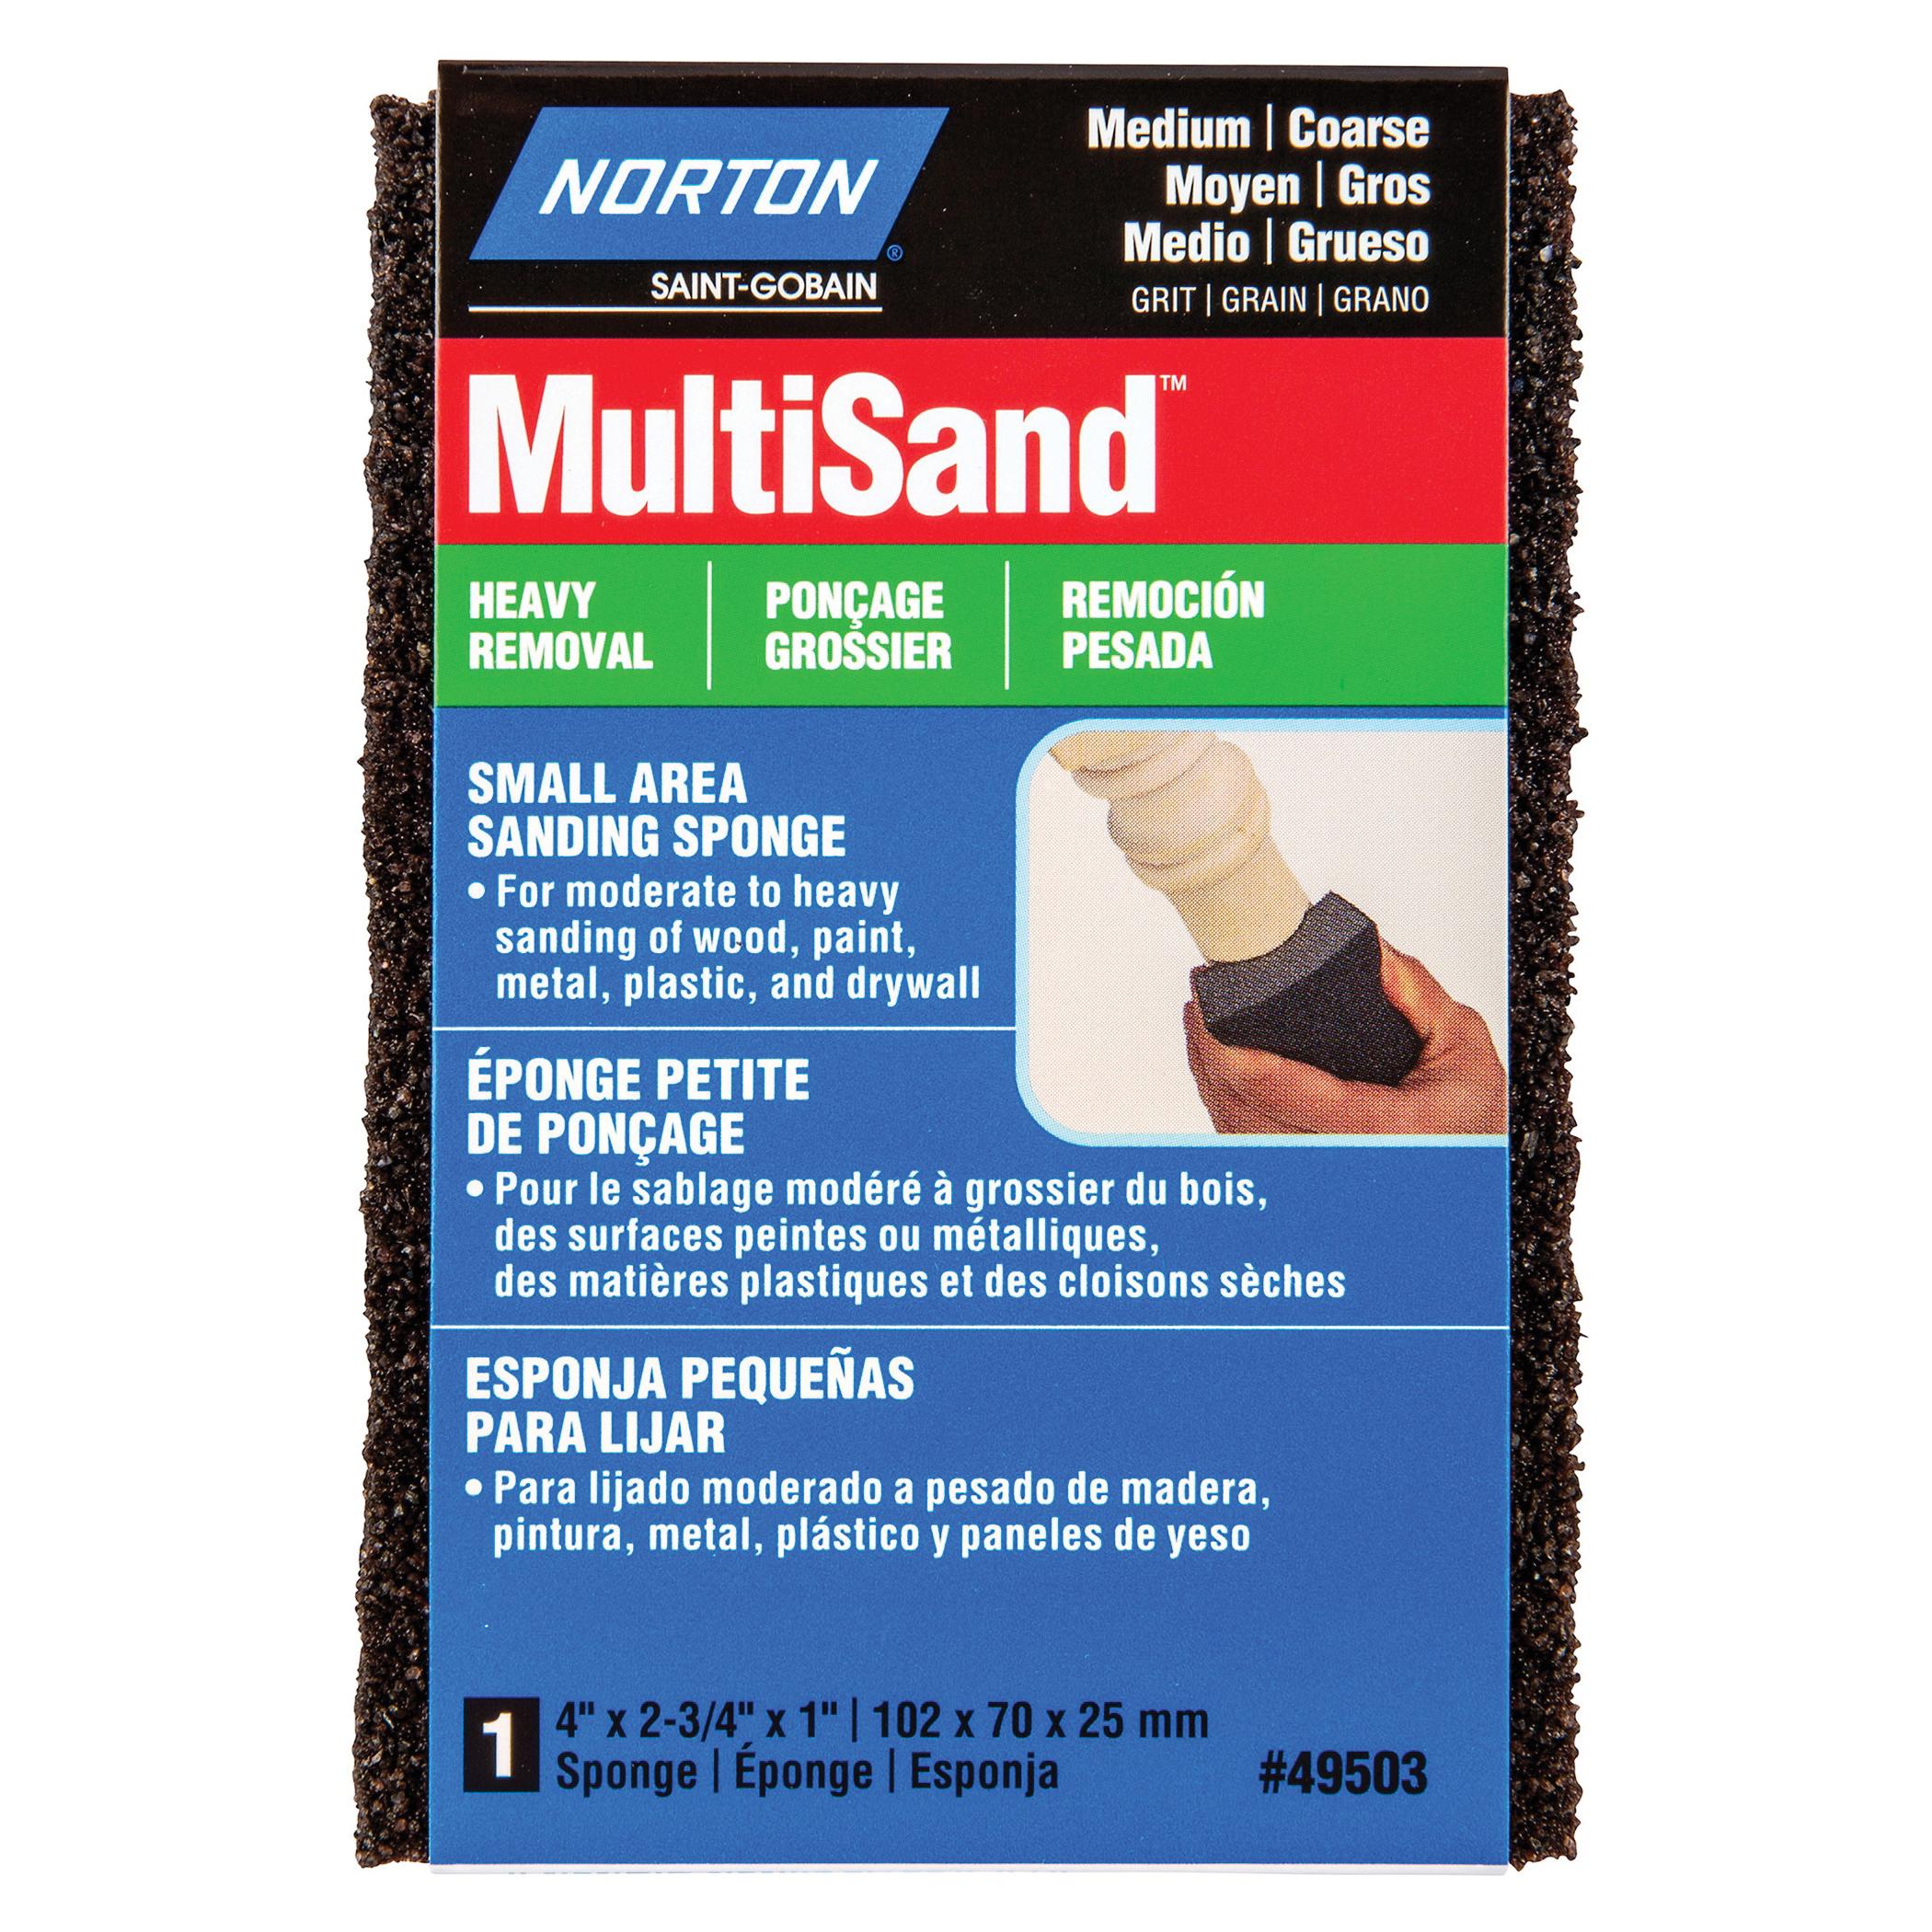 Norton® MultiSand™ 07660749503 Small Area Sanding Sponge, 2-3/4 in L x 4 in W x 1 in THK, 36/80 Grit, Coarse/Medium Grade